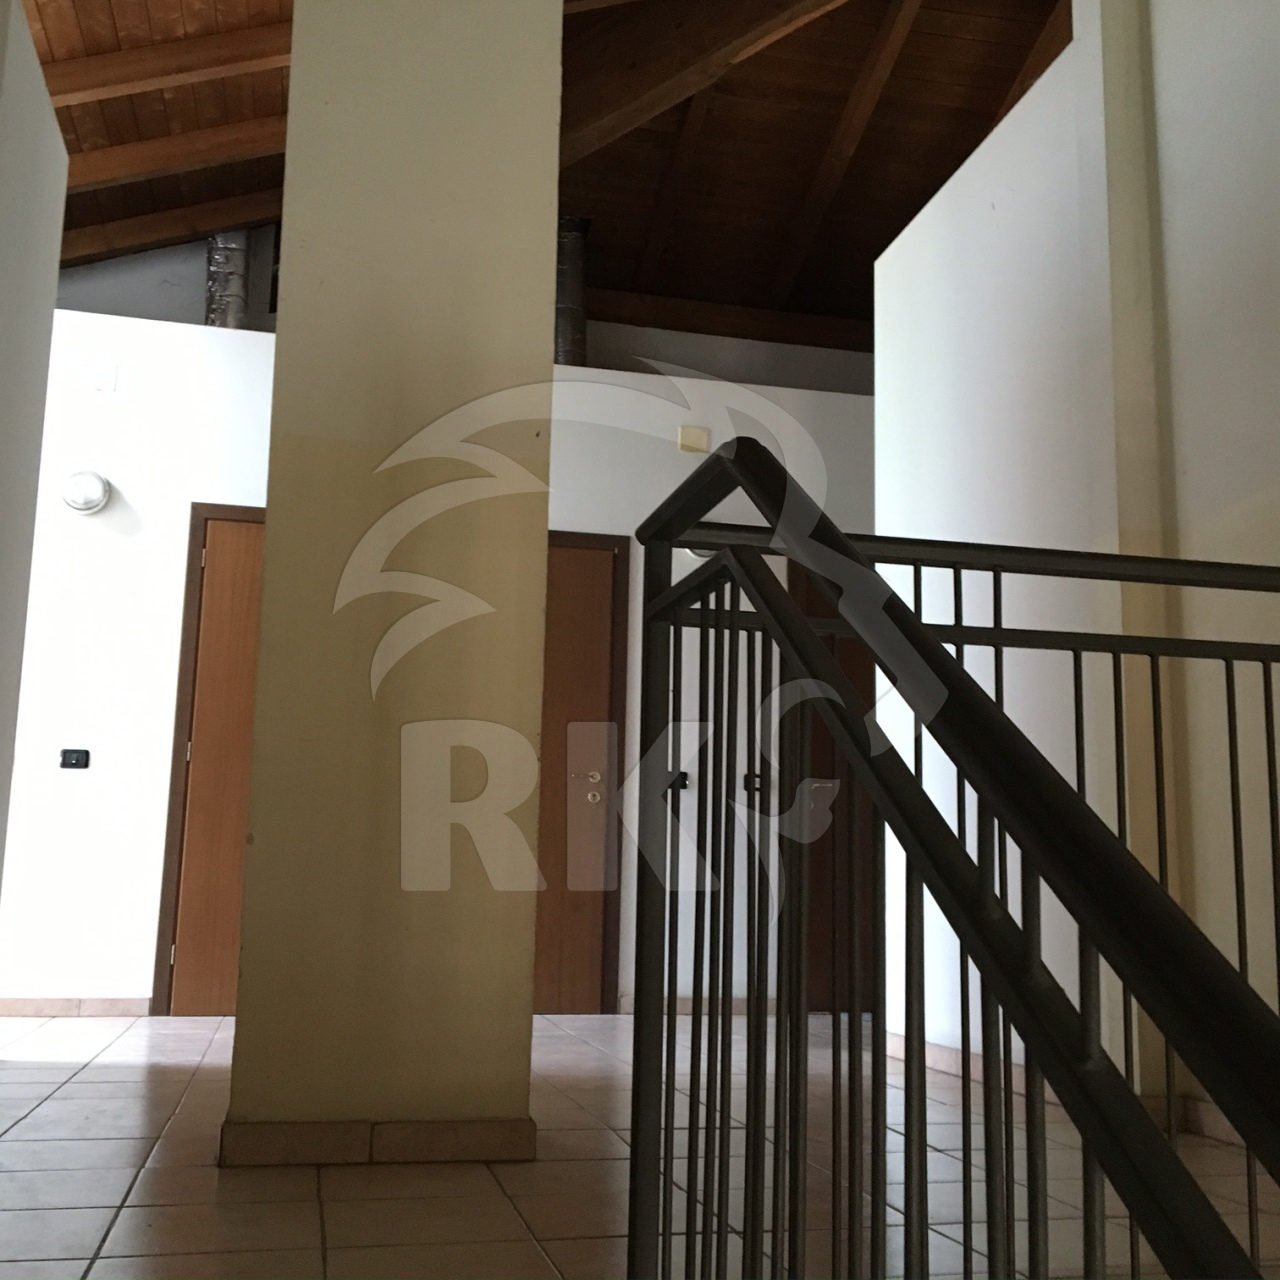 Appartamento monolocale in affitto bologna corticella via for Affitto monolocale